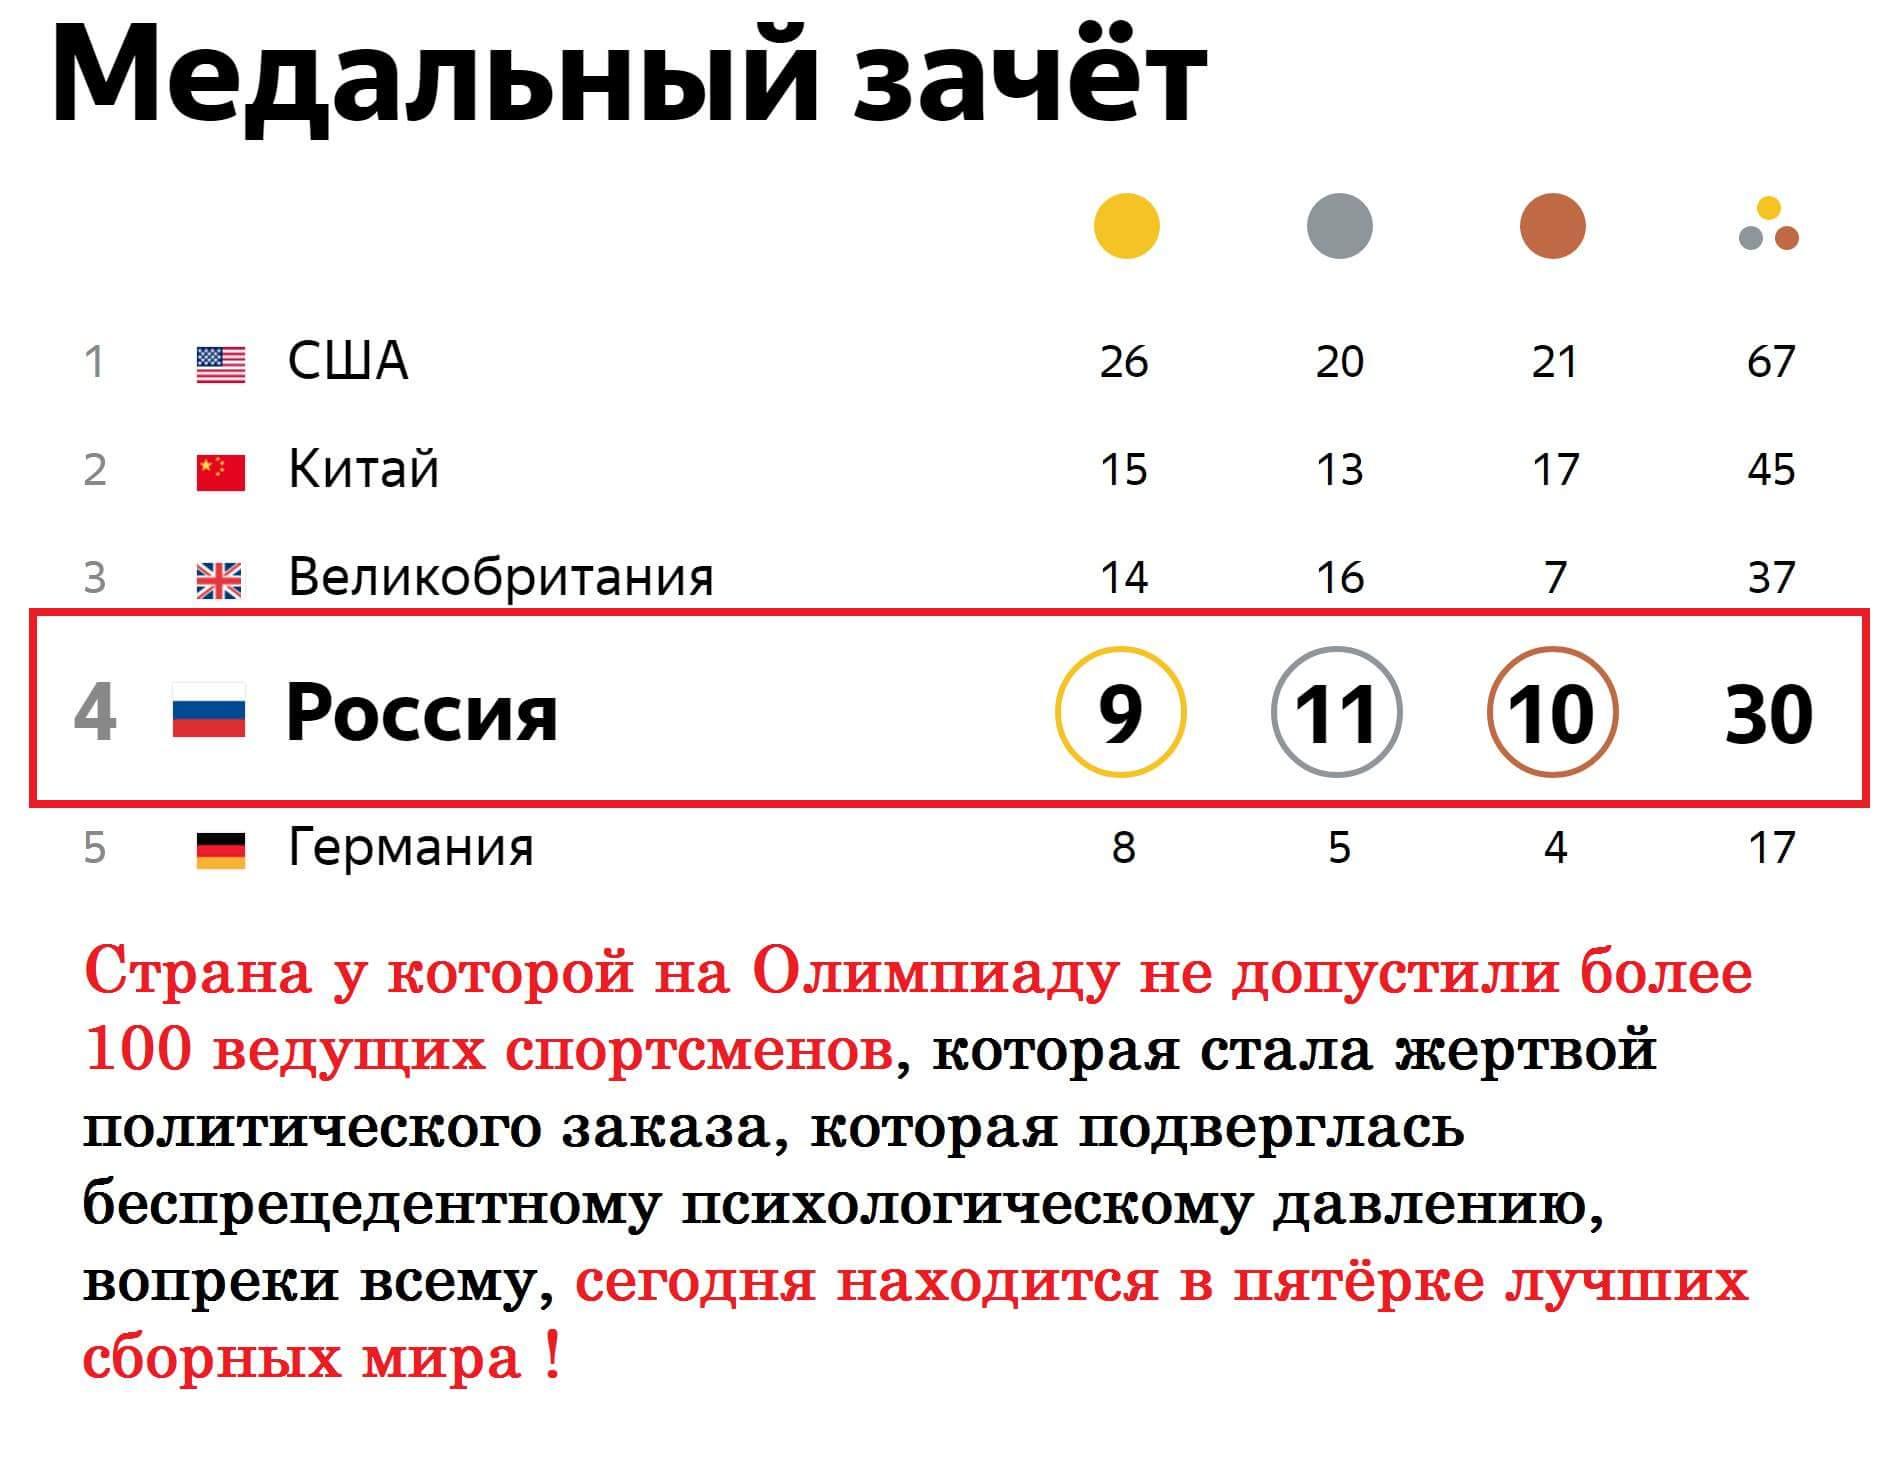 Российские спортсмены молодцы!